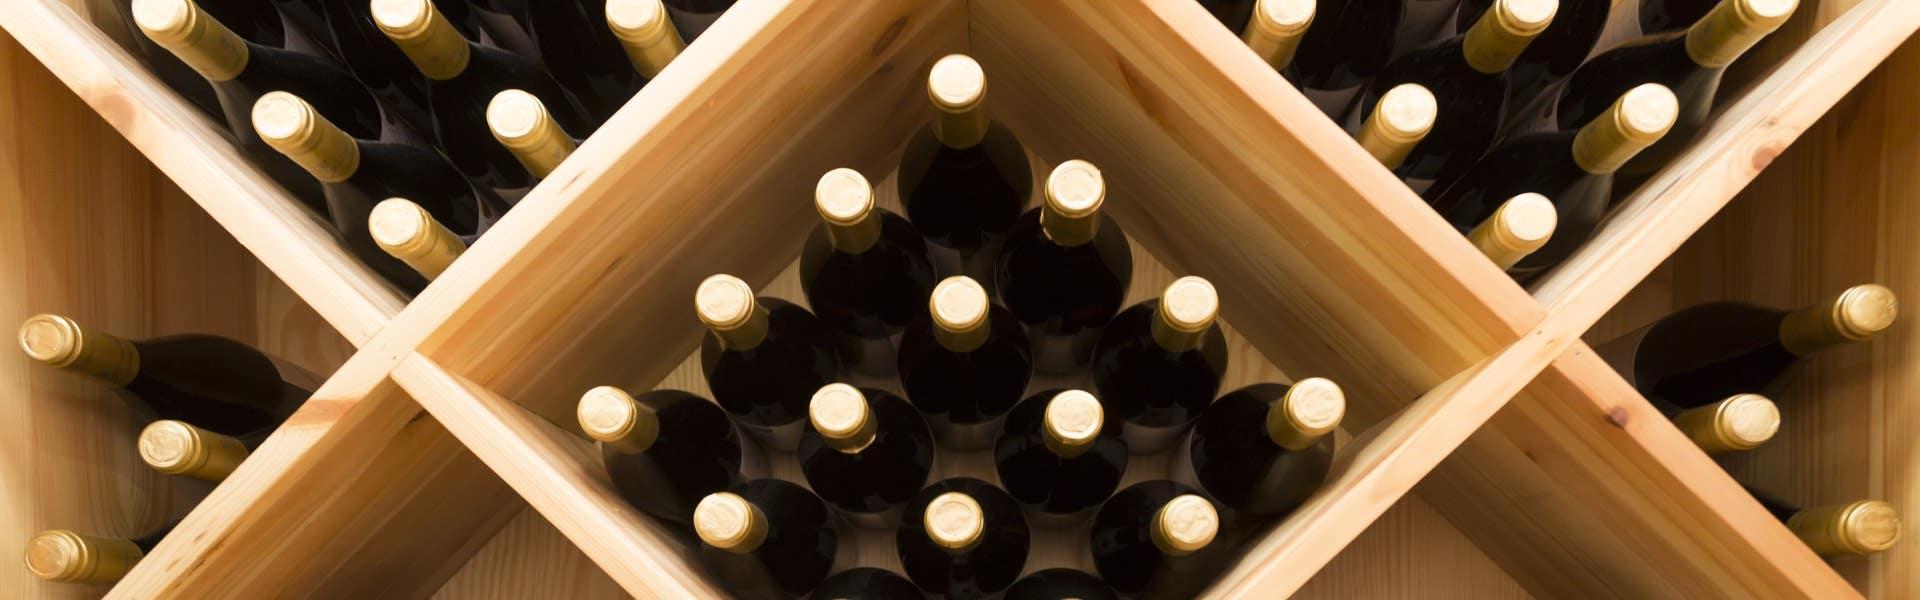 Wine rack filled up